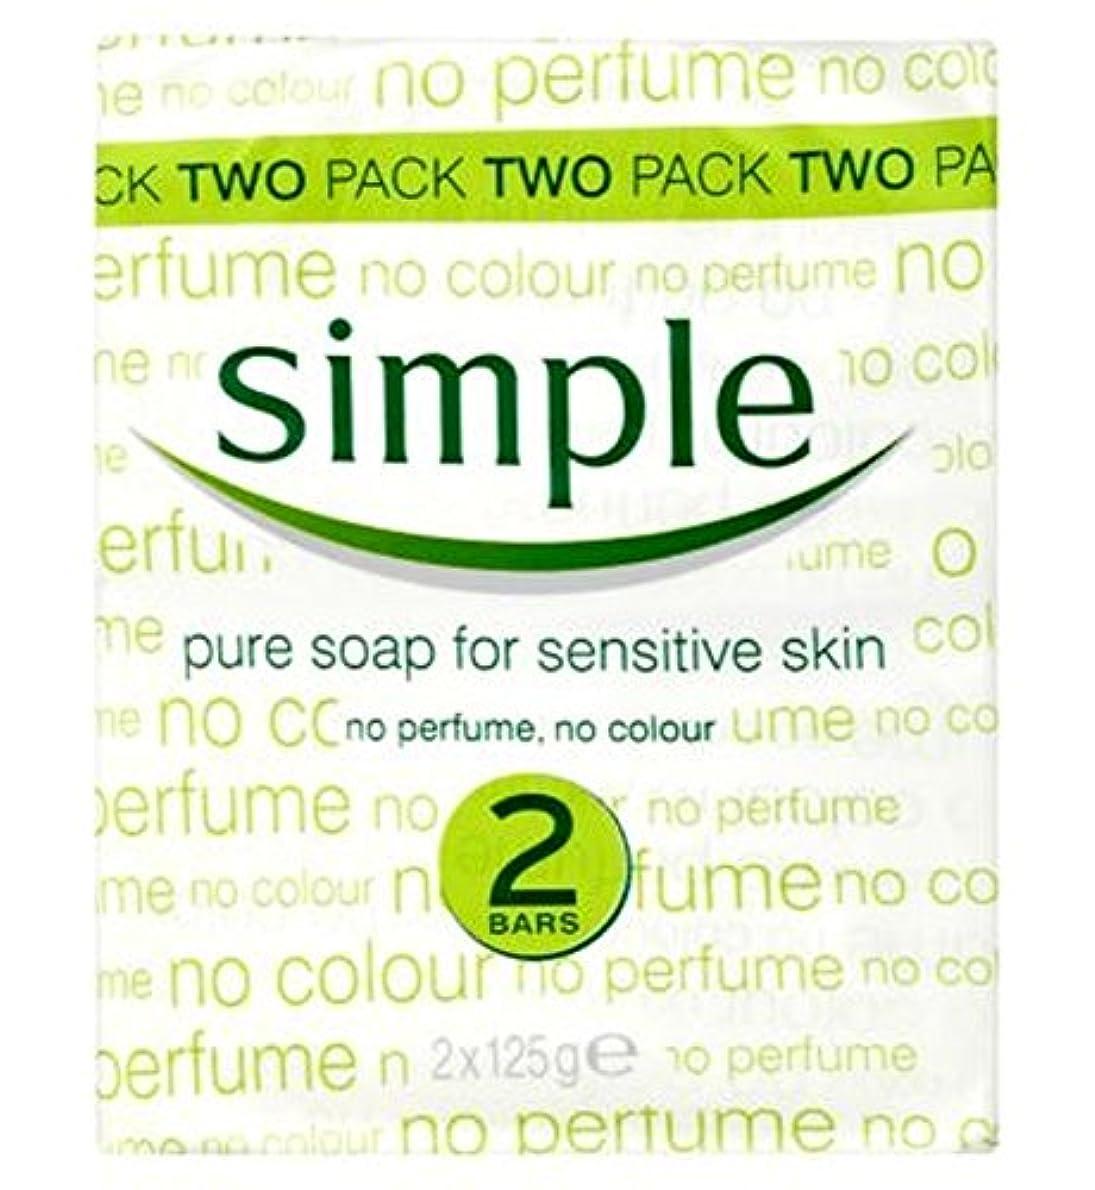 チャータービスケット自分のためにSimple Pure Soap Bar for Sensitive Skin 2 x 125g - 敏感肌2のX 125グラムのためのシンプルな、純粋な石鹸バー (Simple) [並行輸入品]